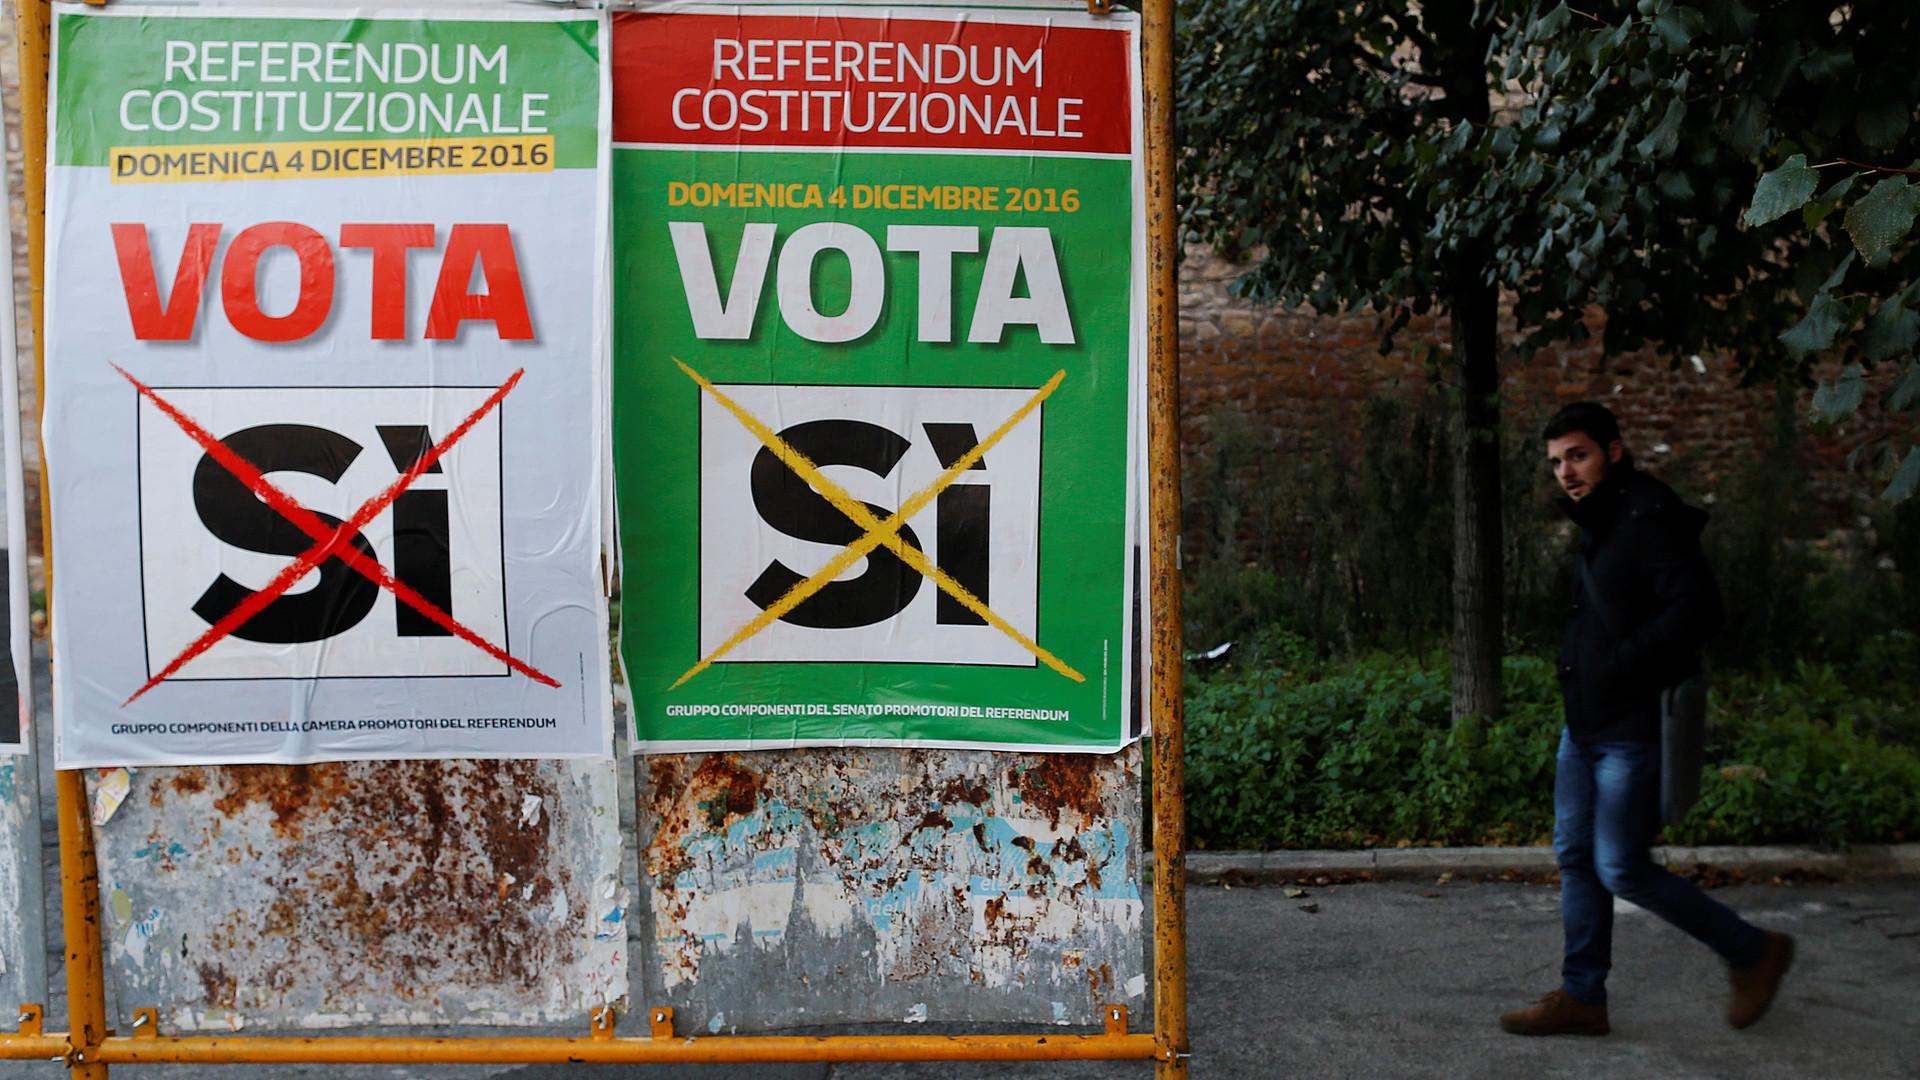 «Сэкономим на чиновниках»: итальянцы о том, как будут голосовать на референдуме